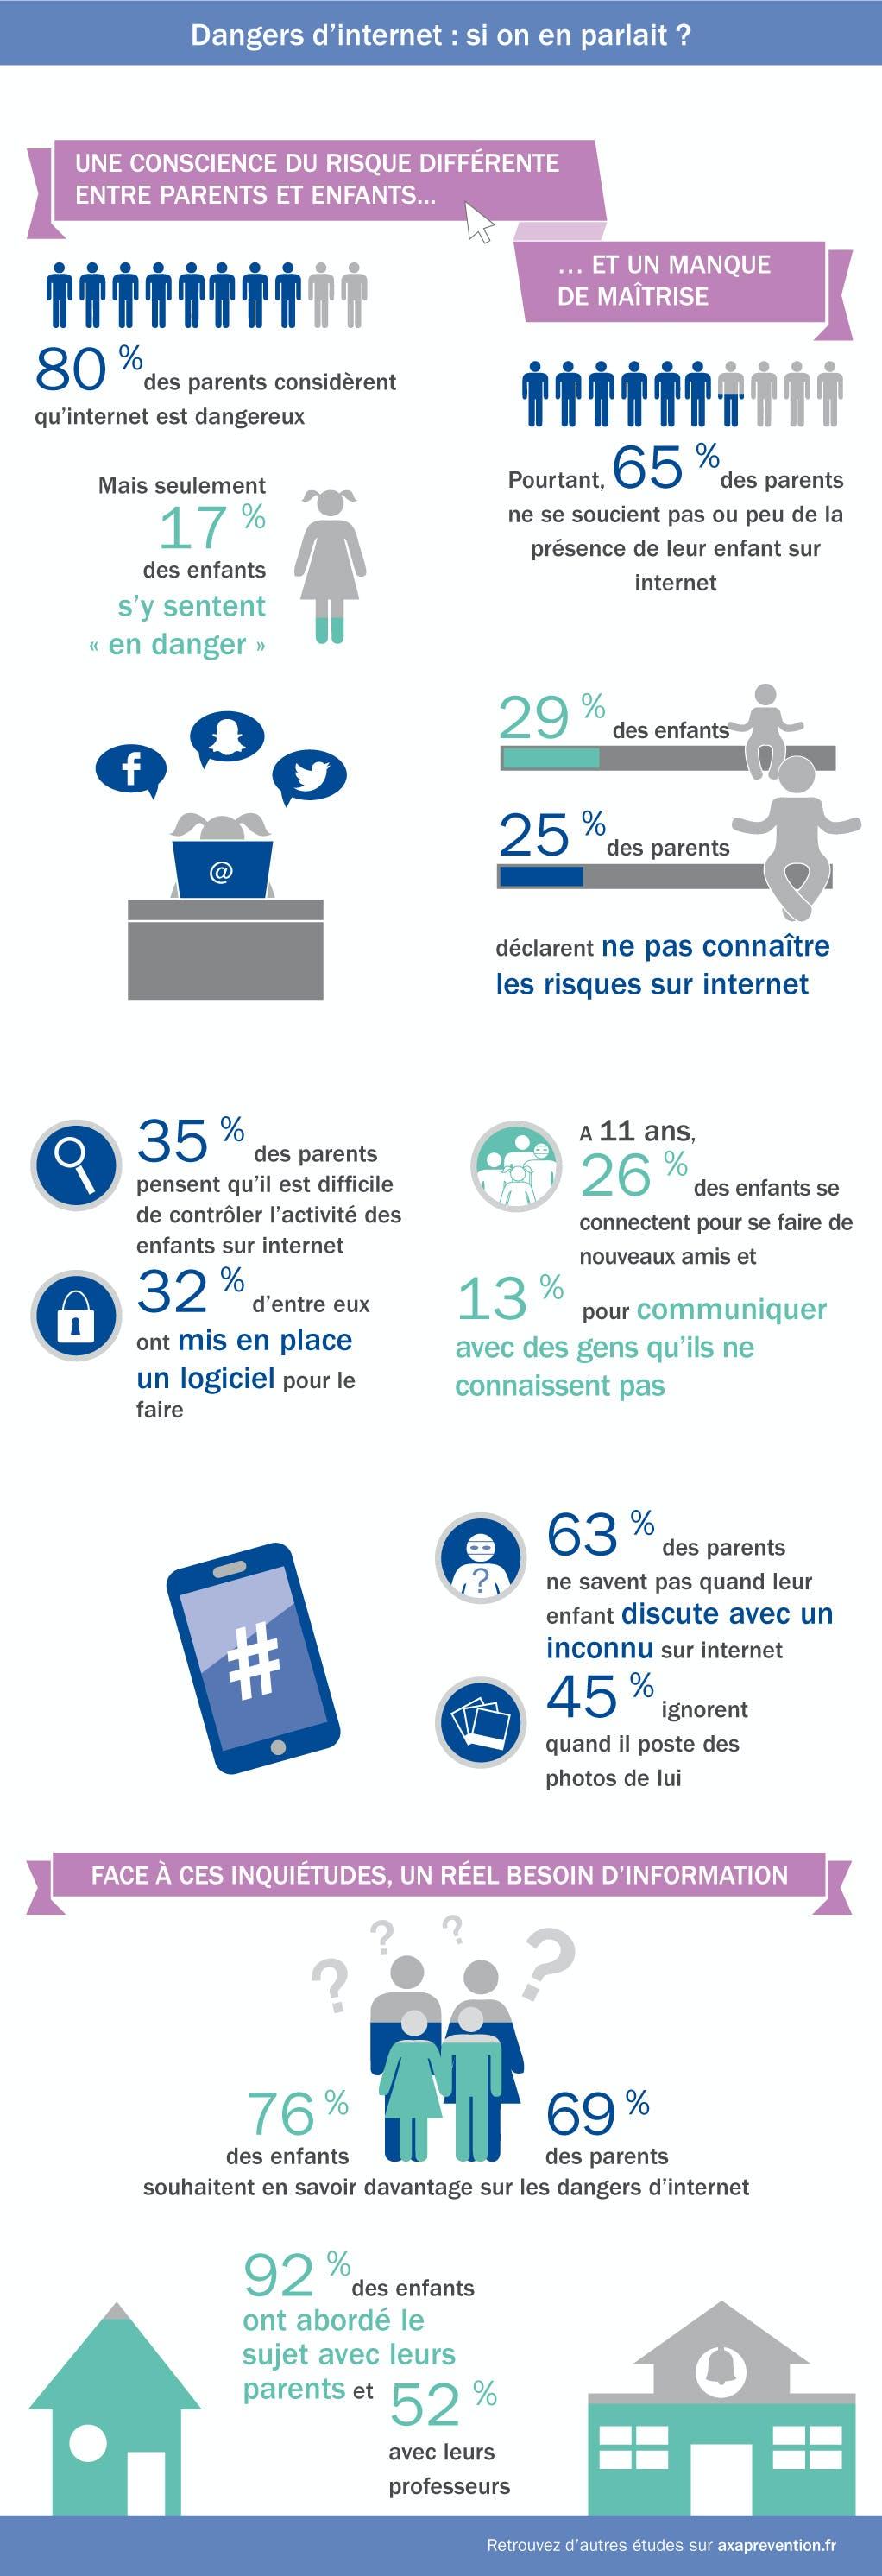 Infographie sur les risques d'internet d'Axa Prévention présentant la connaissance et les attentes des parents et des enfants sur le sujet